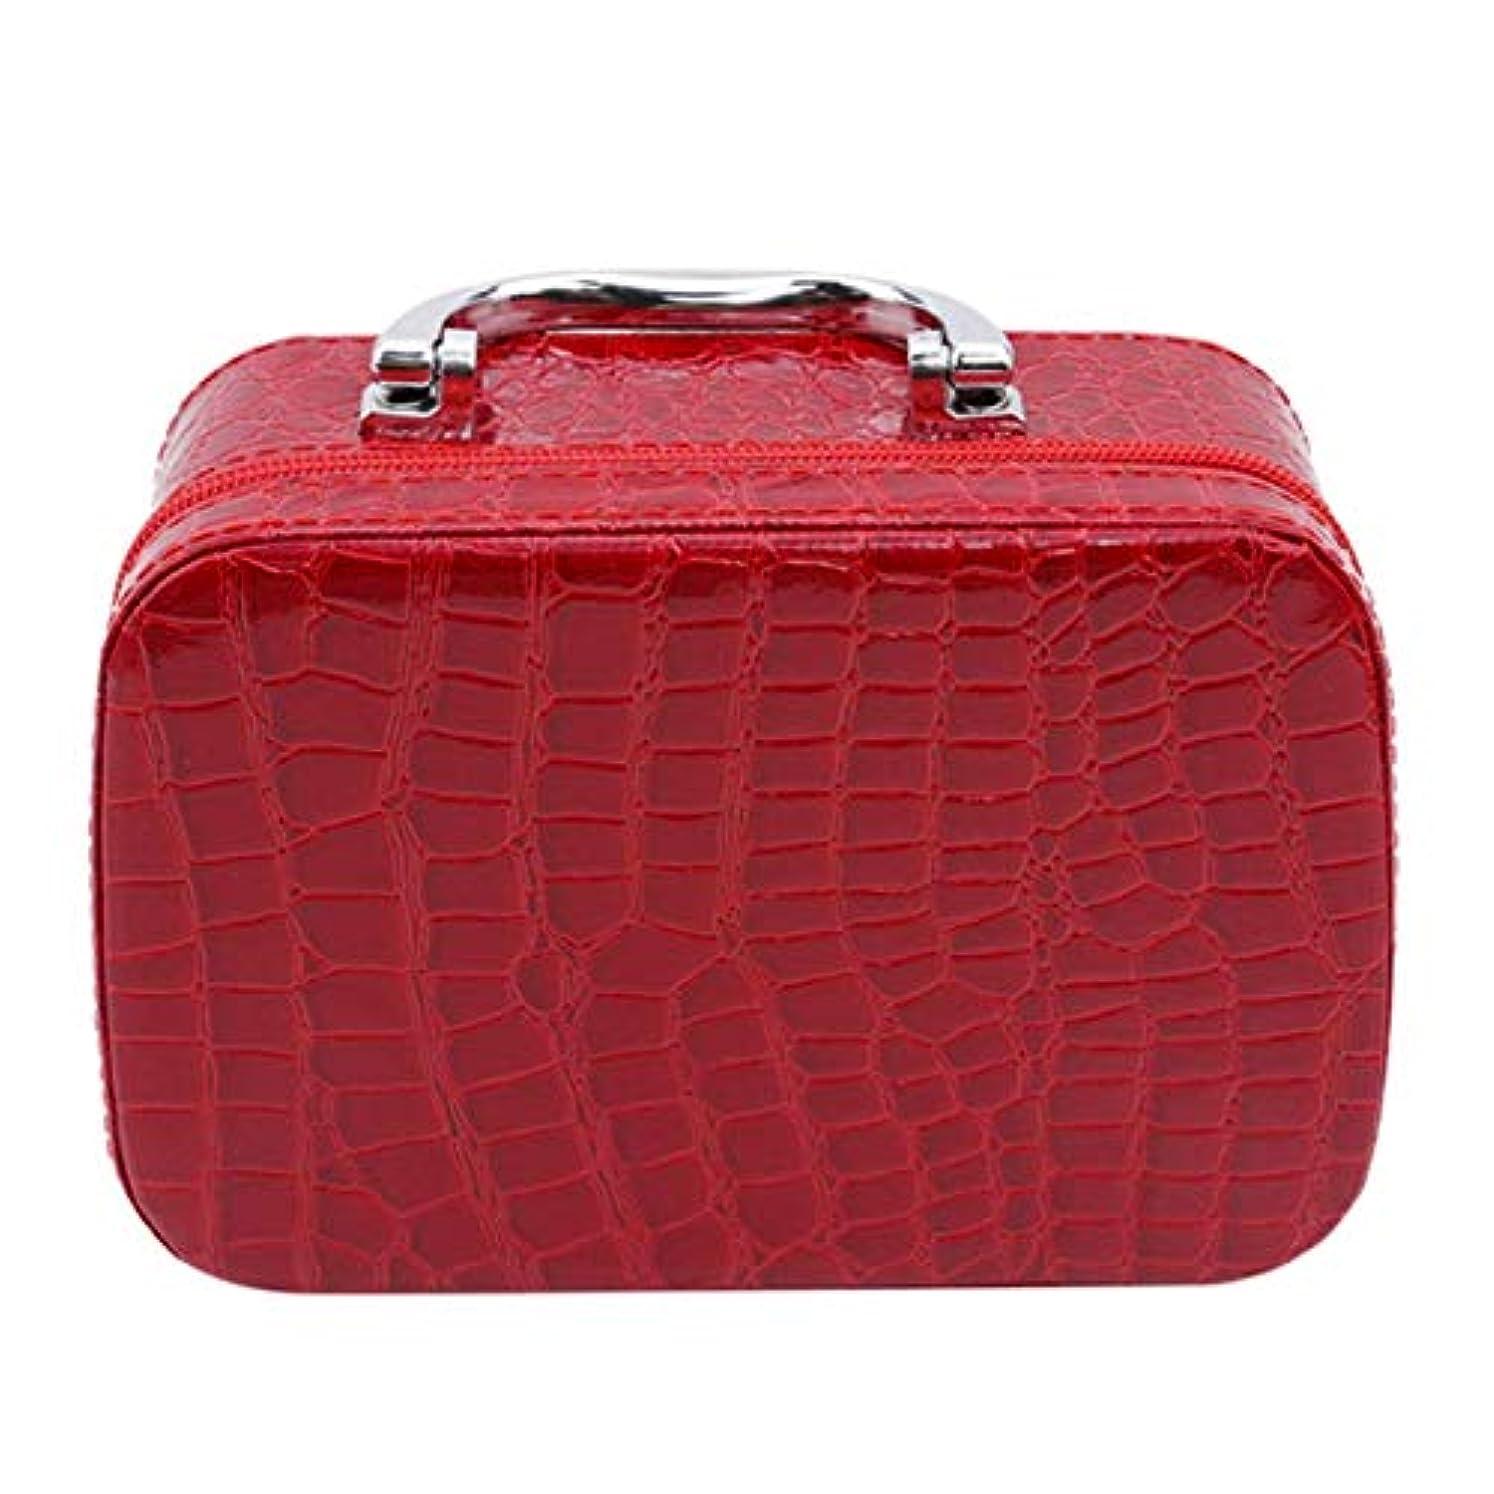 硬さキャプテンブライ王族1st market ミラーが付いている優れた旅行携帯用化粧品袋のオルガナイザーの女性の化粧品の箱